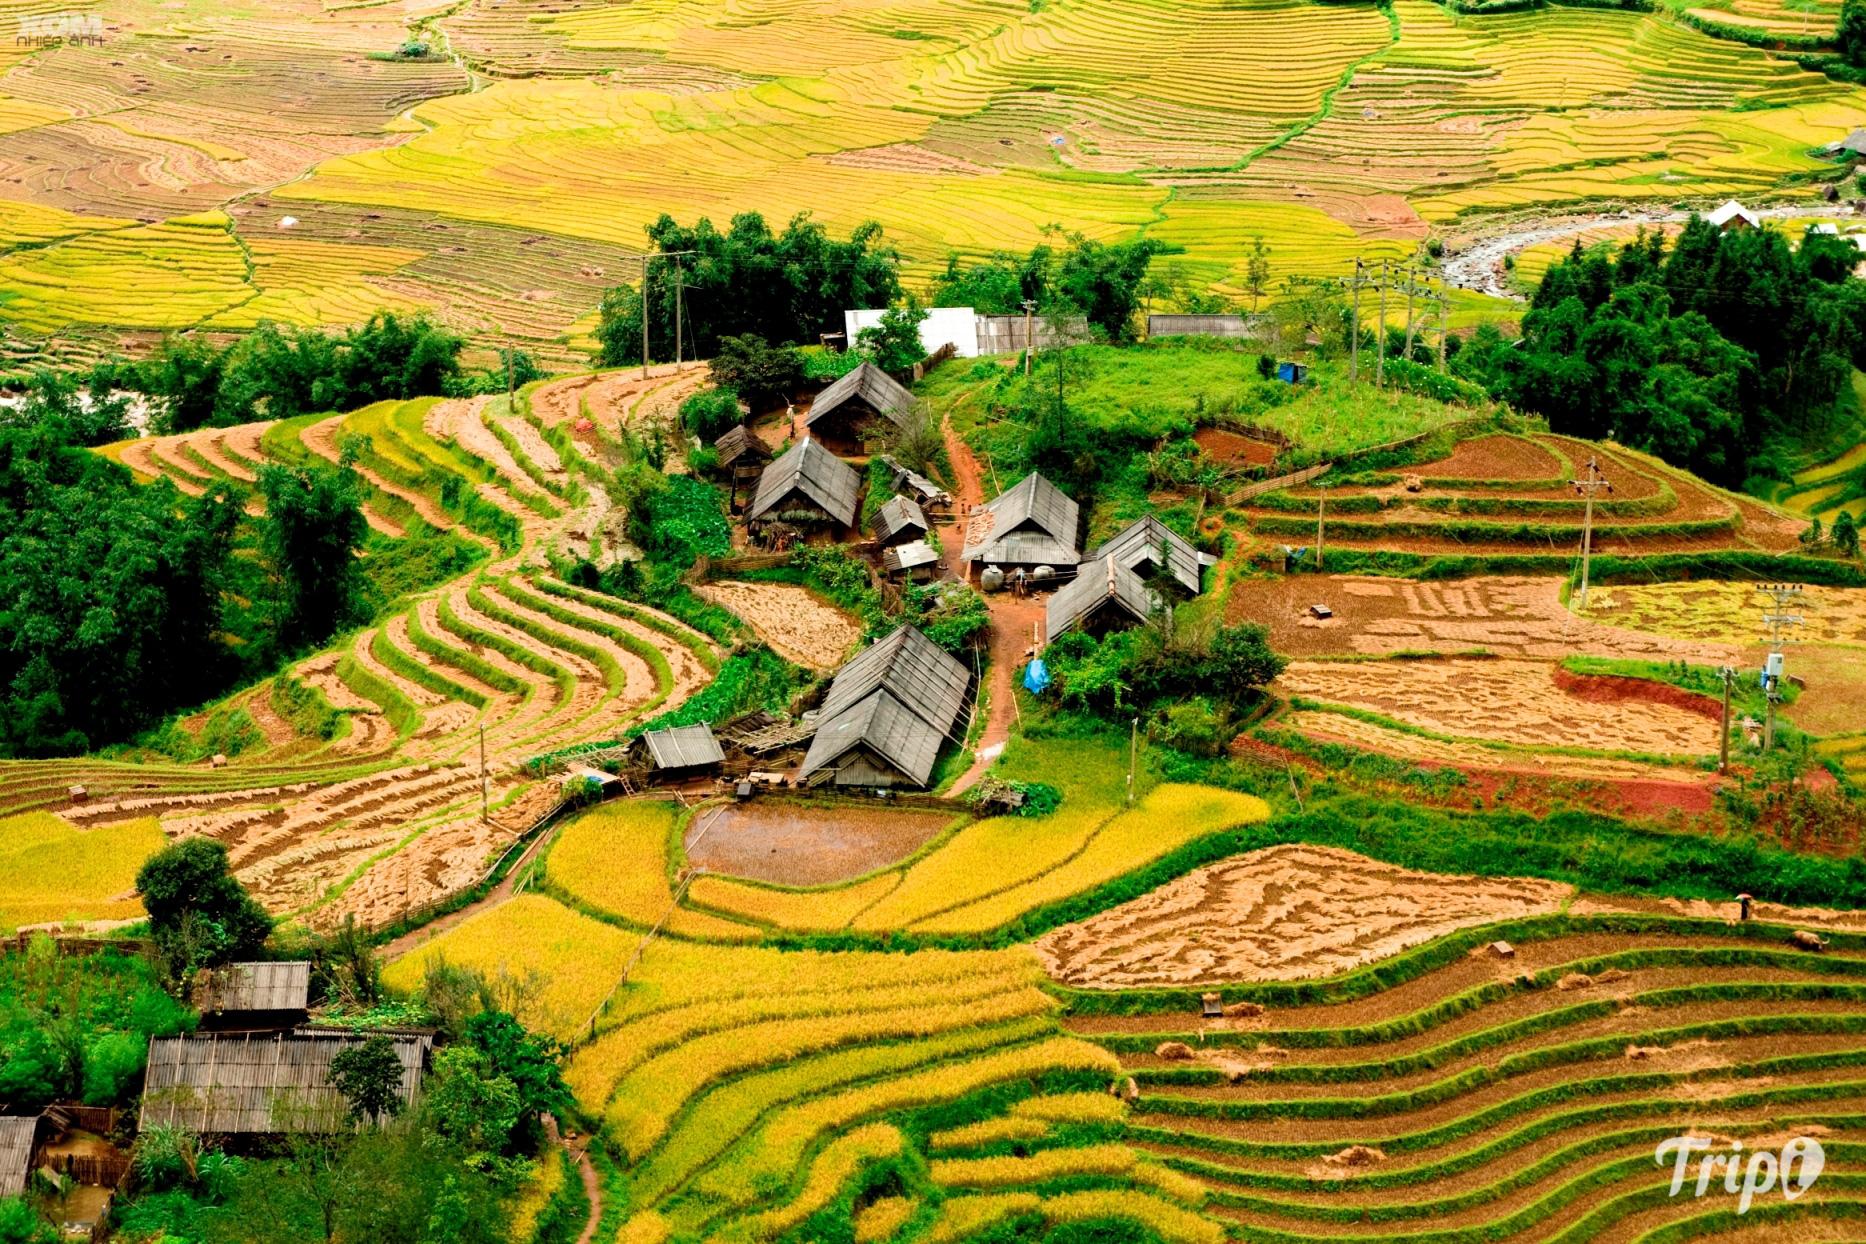 Hình ảnh quê hương Tây Bắc nhìn xuống từ trên cao